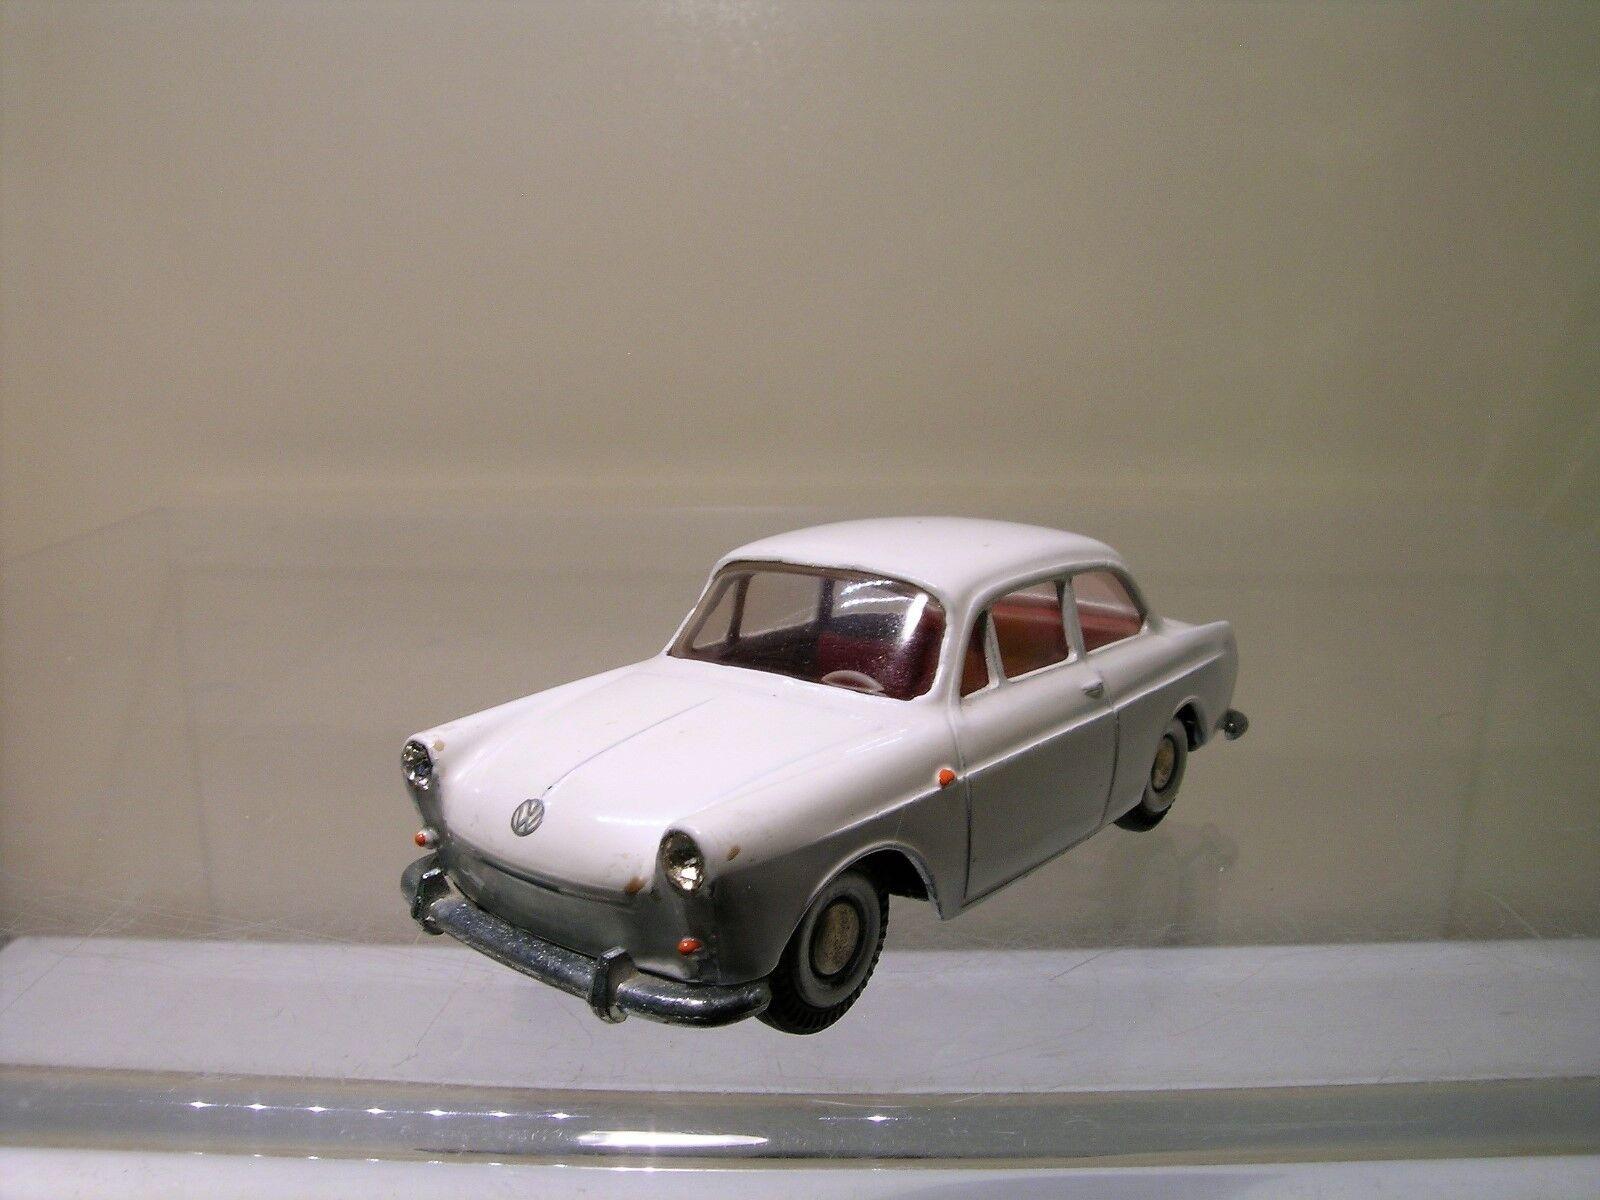 TEKNO DENMARK 828-156 VW VOLKSWAGEN 1500 1961 bianca NEAR-MINT SCALE 1 43